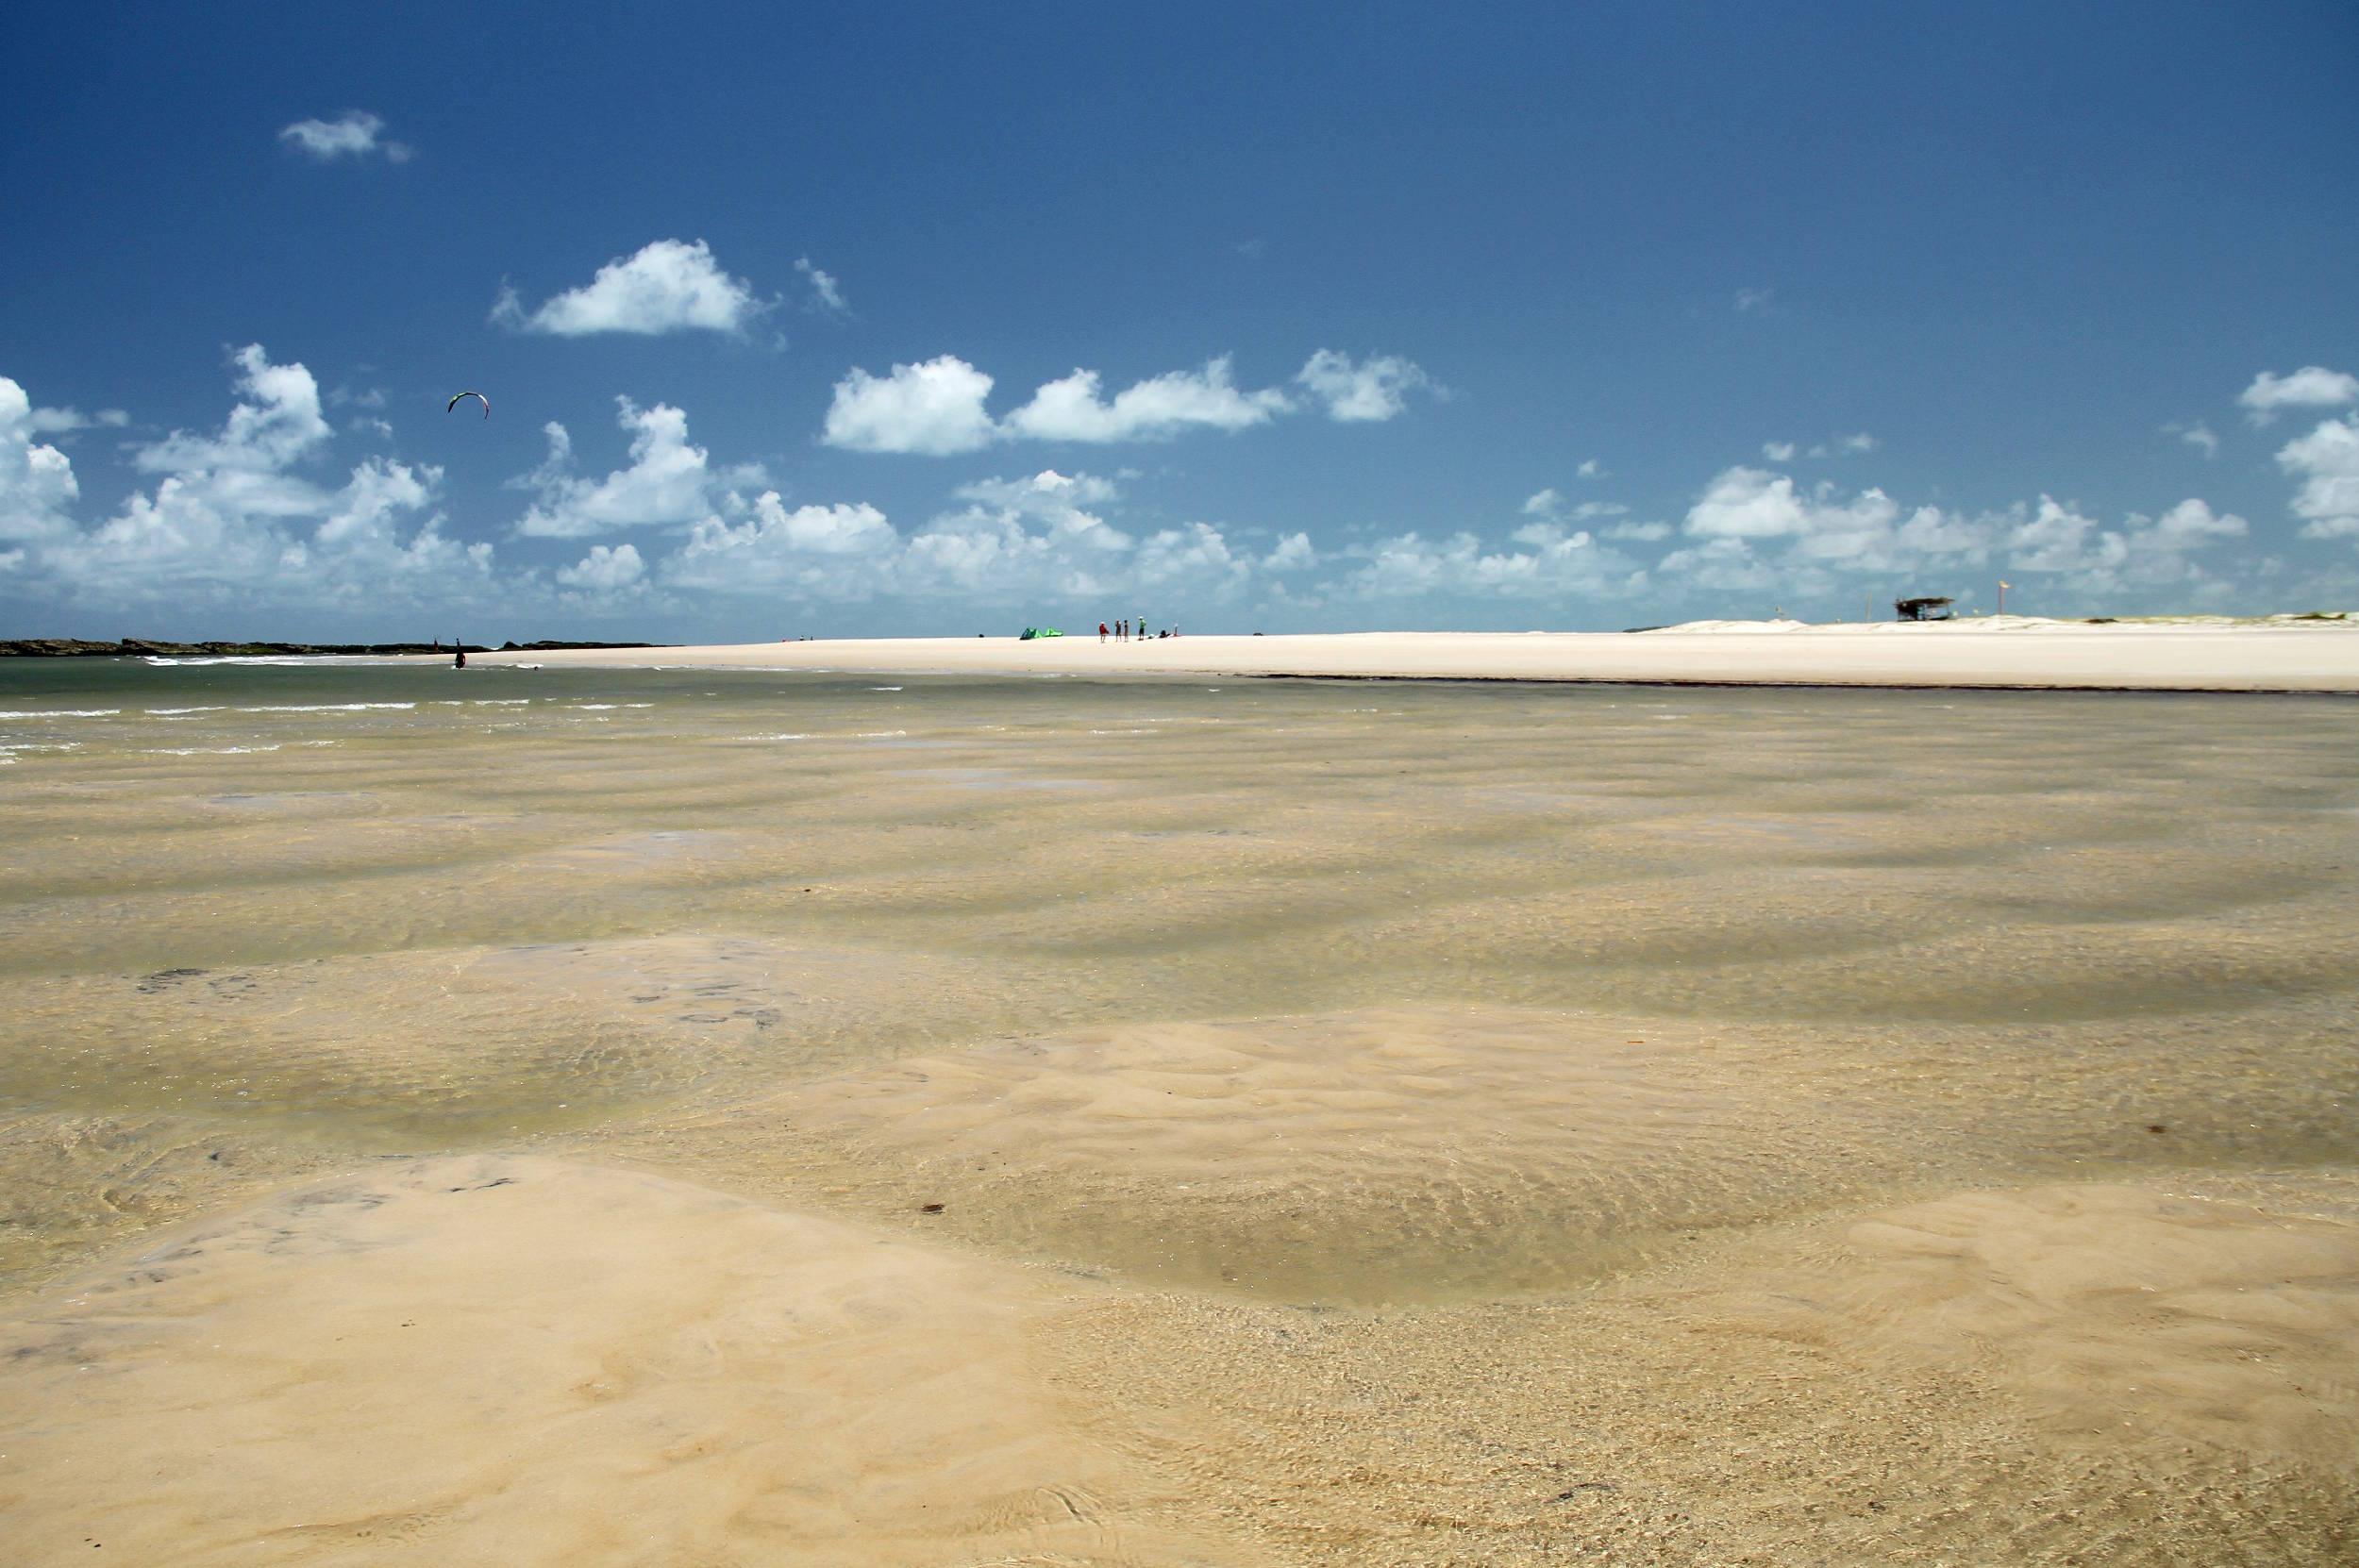 Localizada a 75 quilômetros de Natal, próximo a Pipa, a Barra do Cunhaú é conhecida pelas praias formadas com águas do mar e do rio (foto: Eduardo Vessoni)